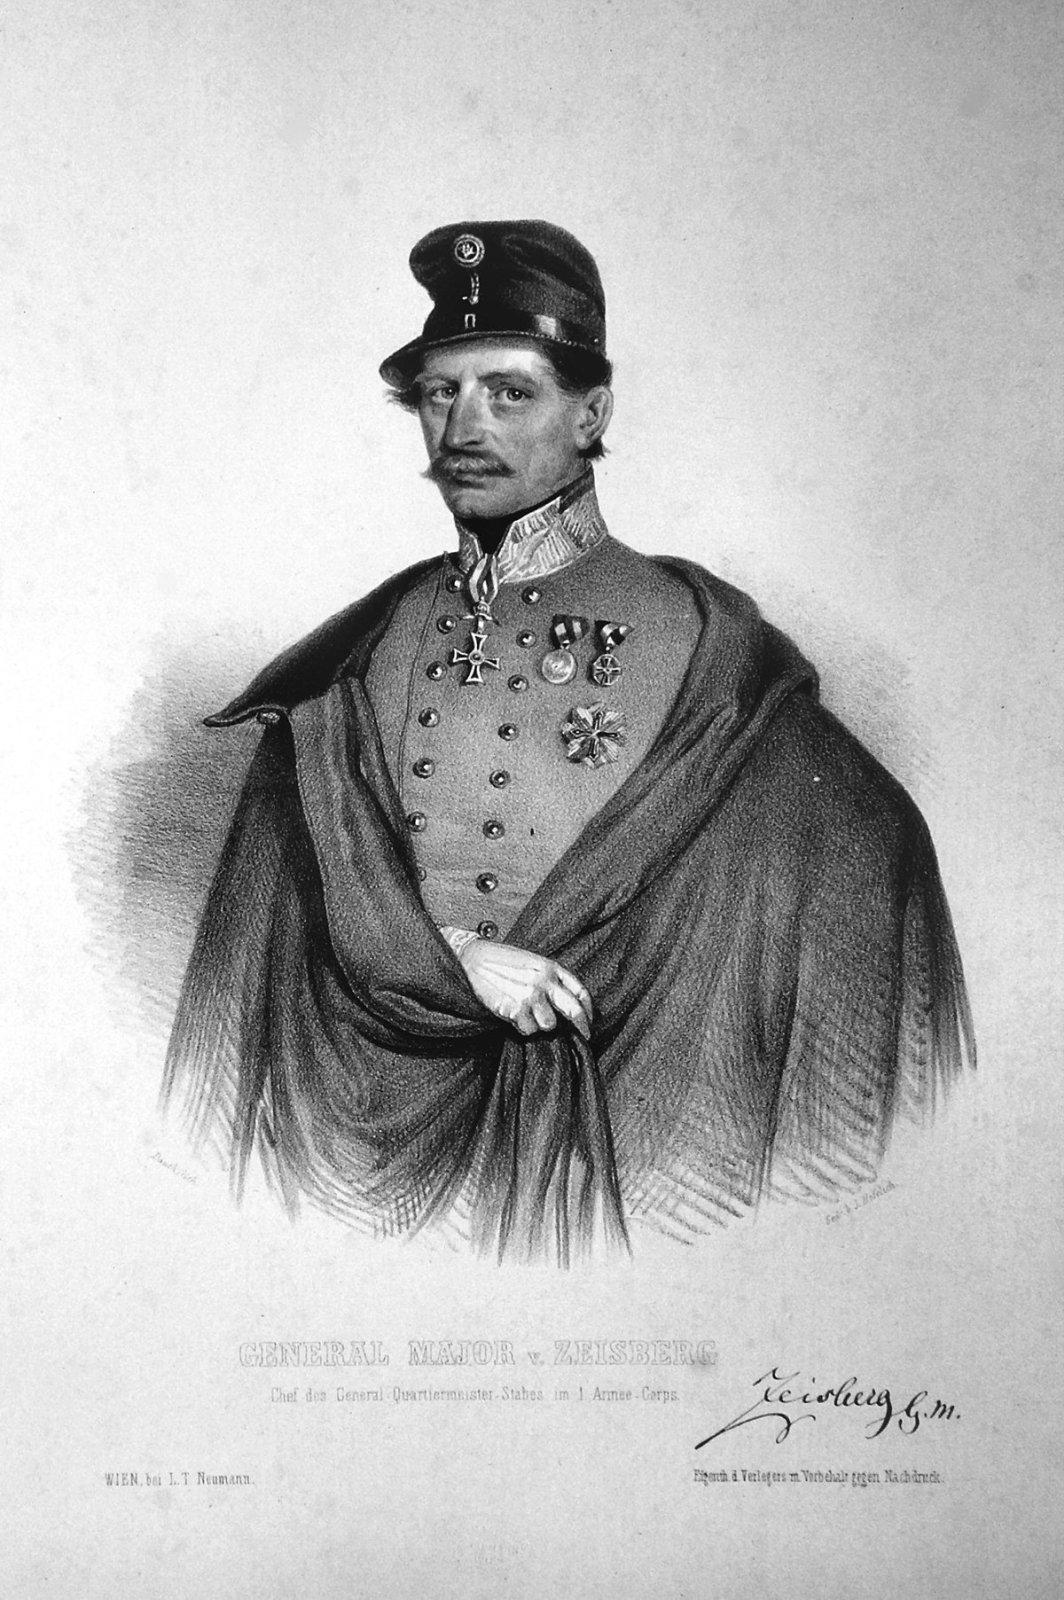 Karl Zeisberg